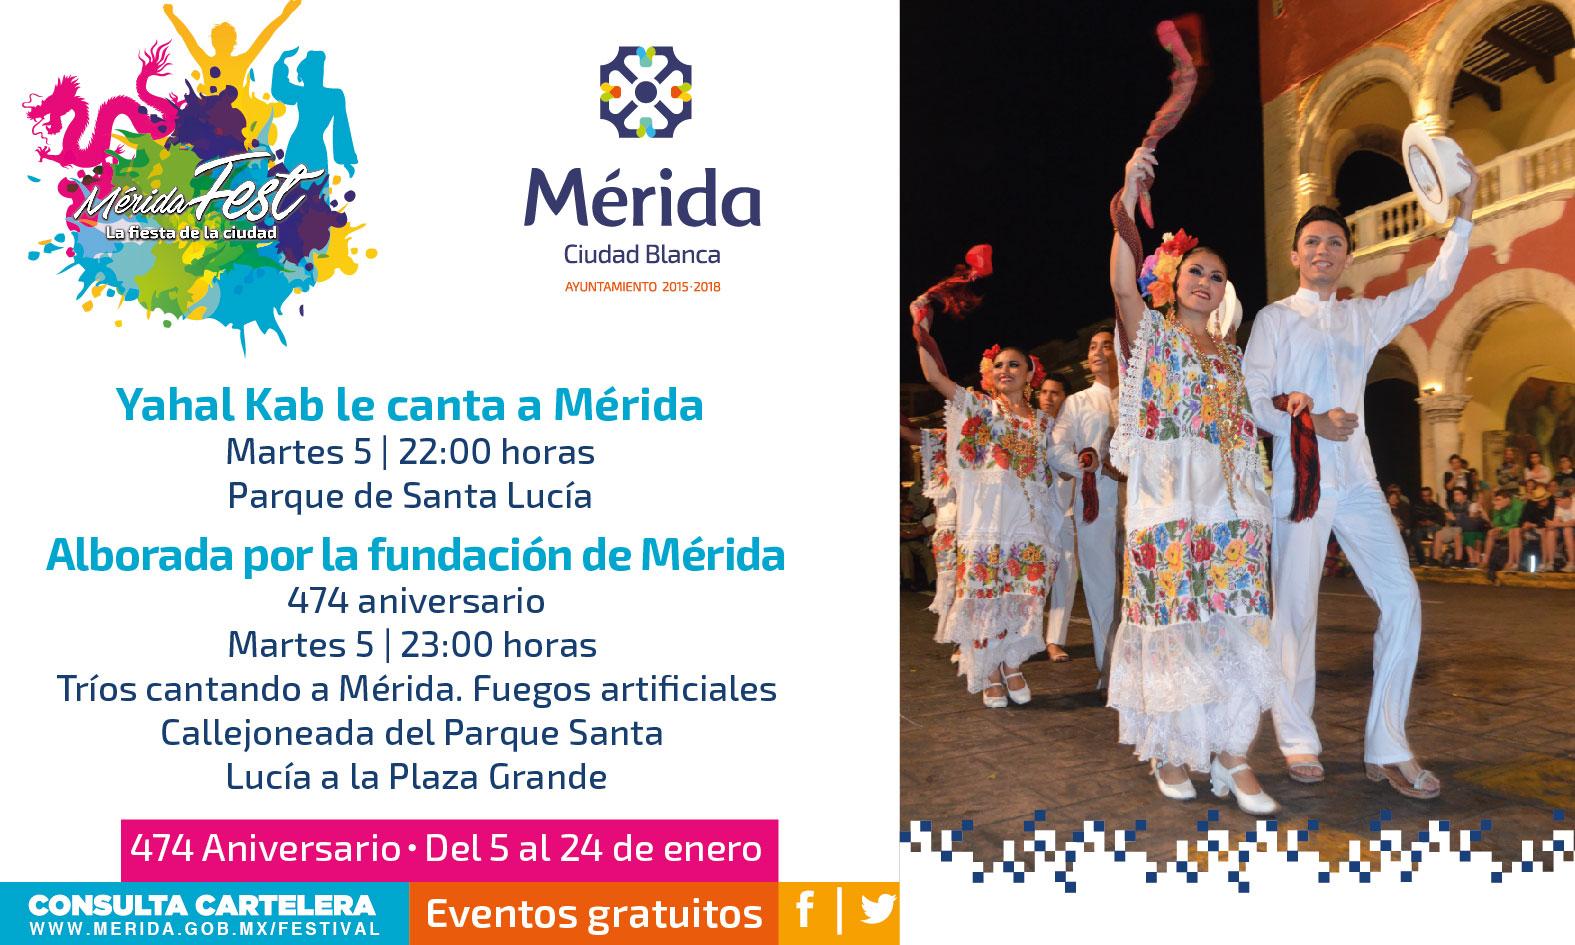 Mérida Fest: Tributo a la capital de Yucatán